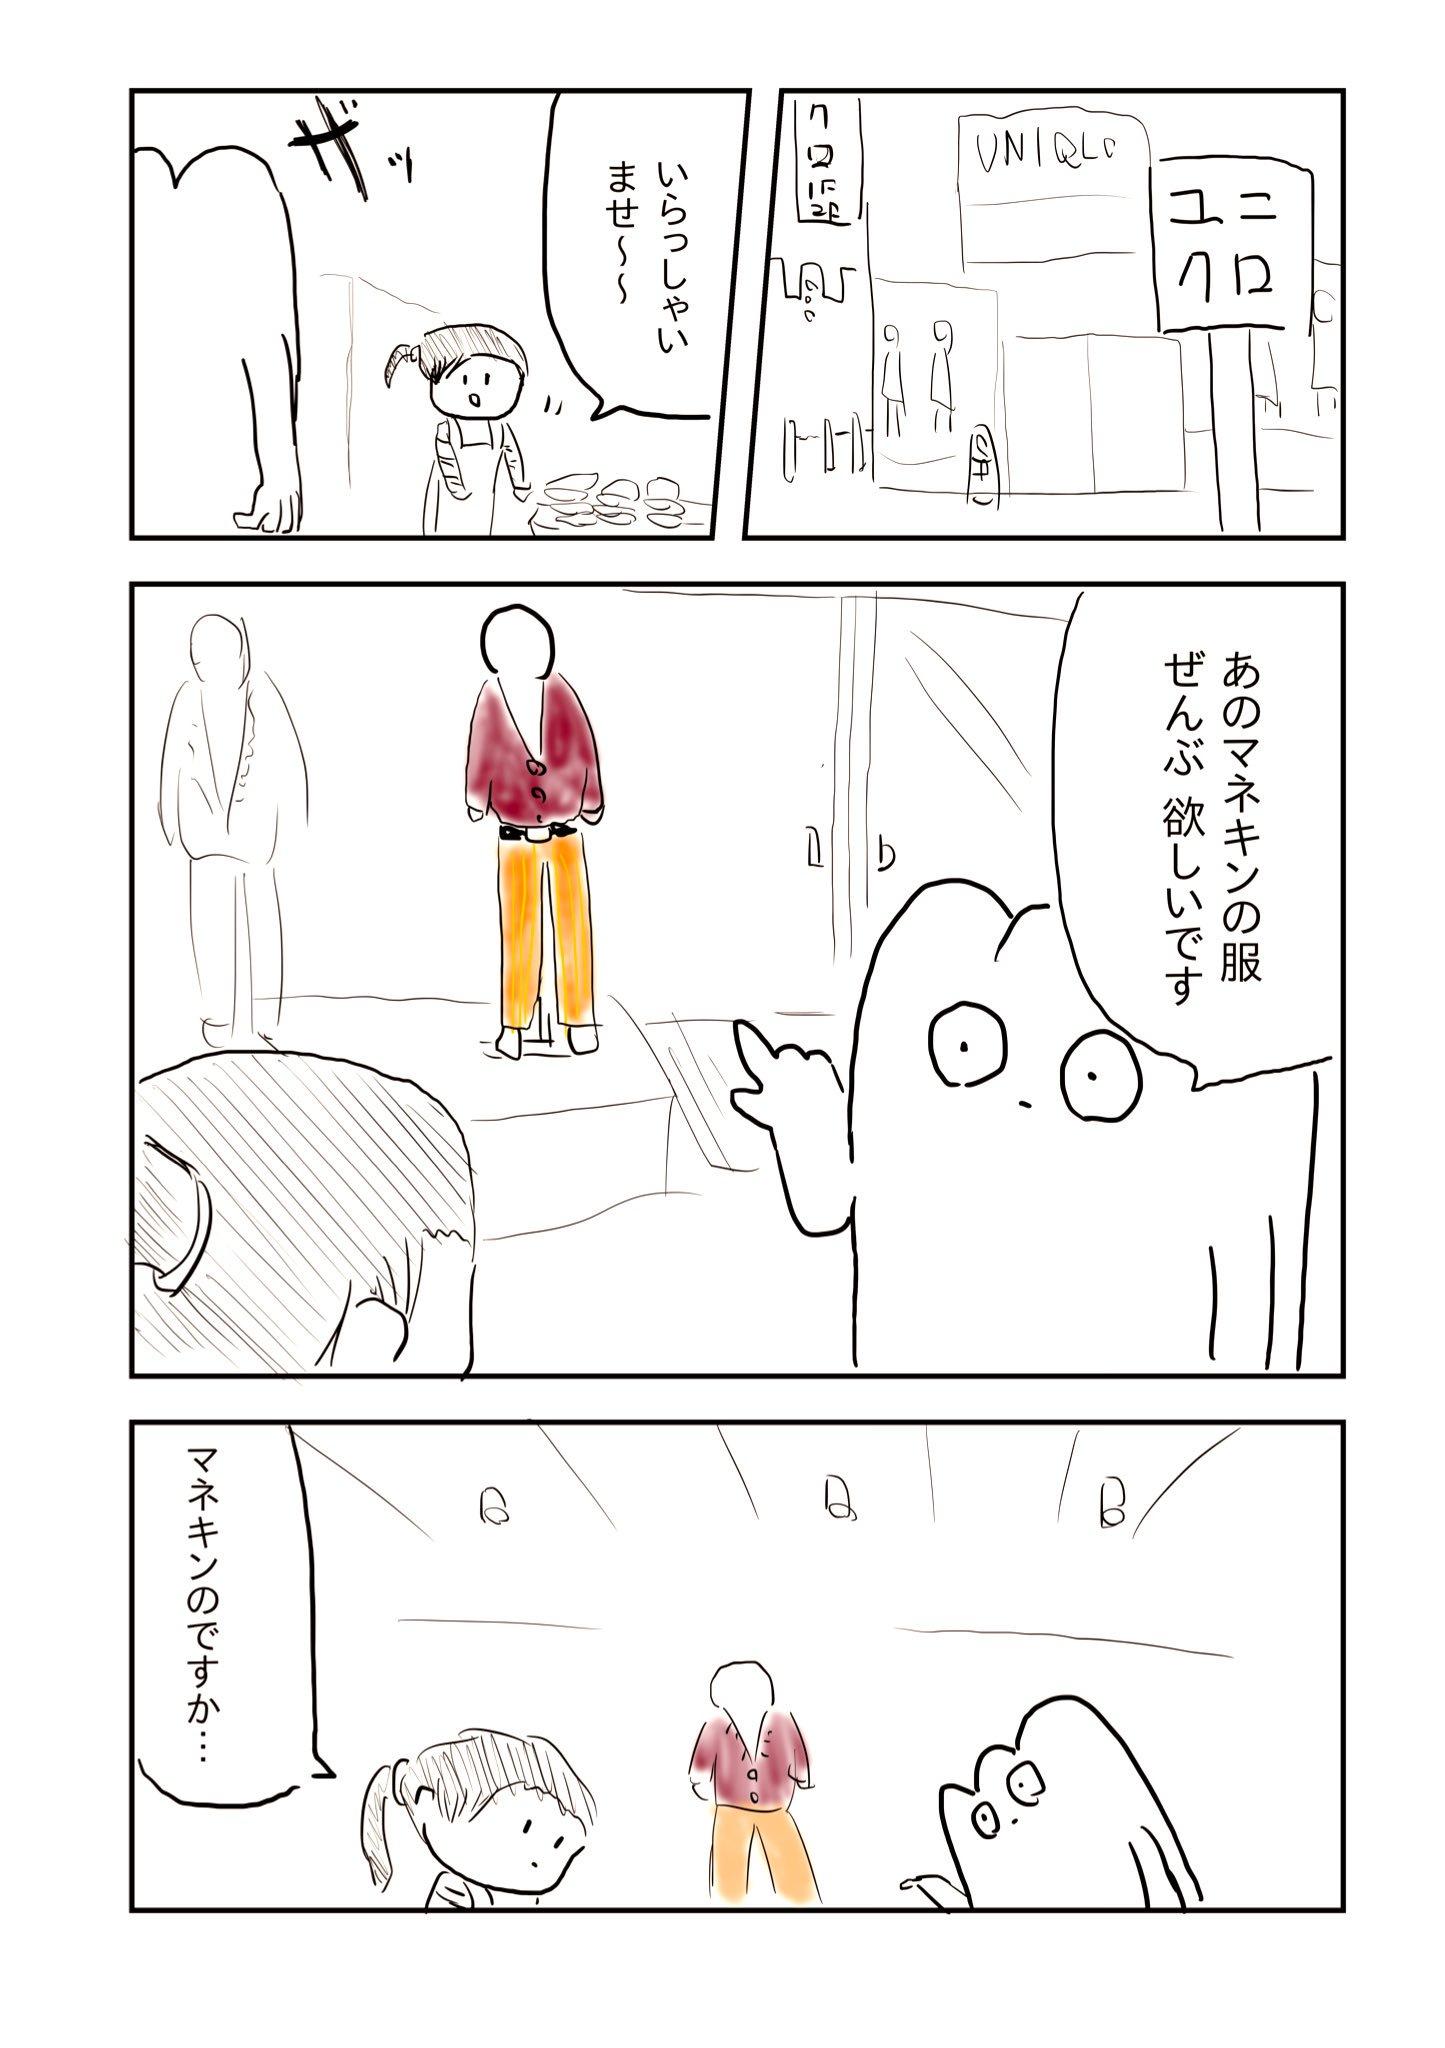 ユニクロのお芋さん